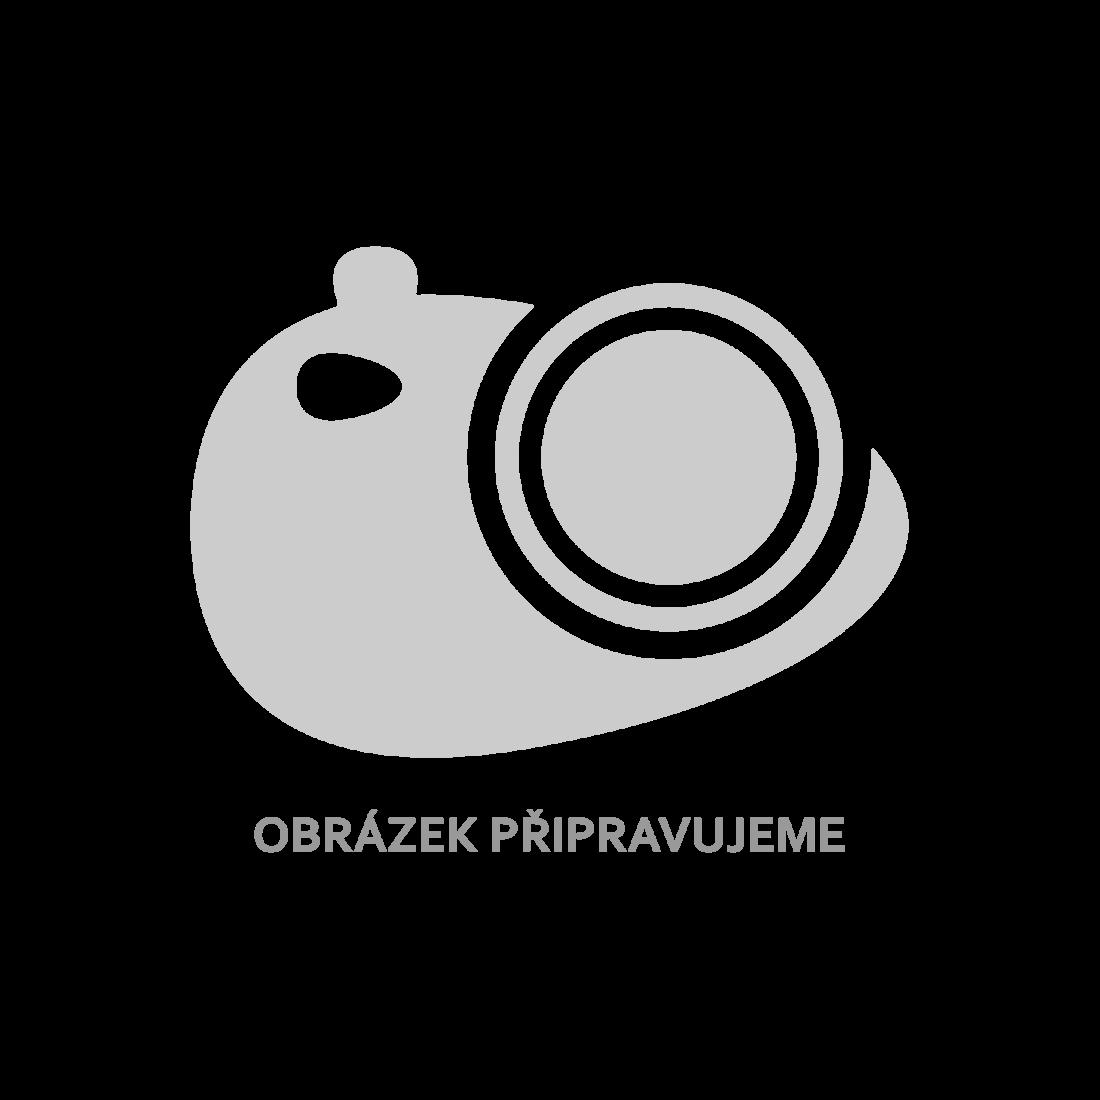 Projekční plátno 160 x 90 cm matná bílá 16:9